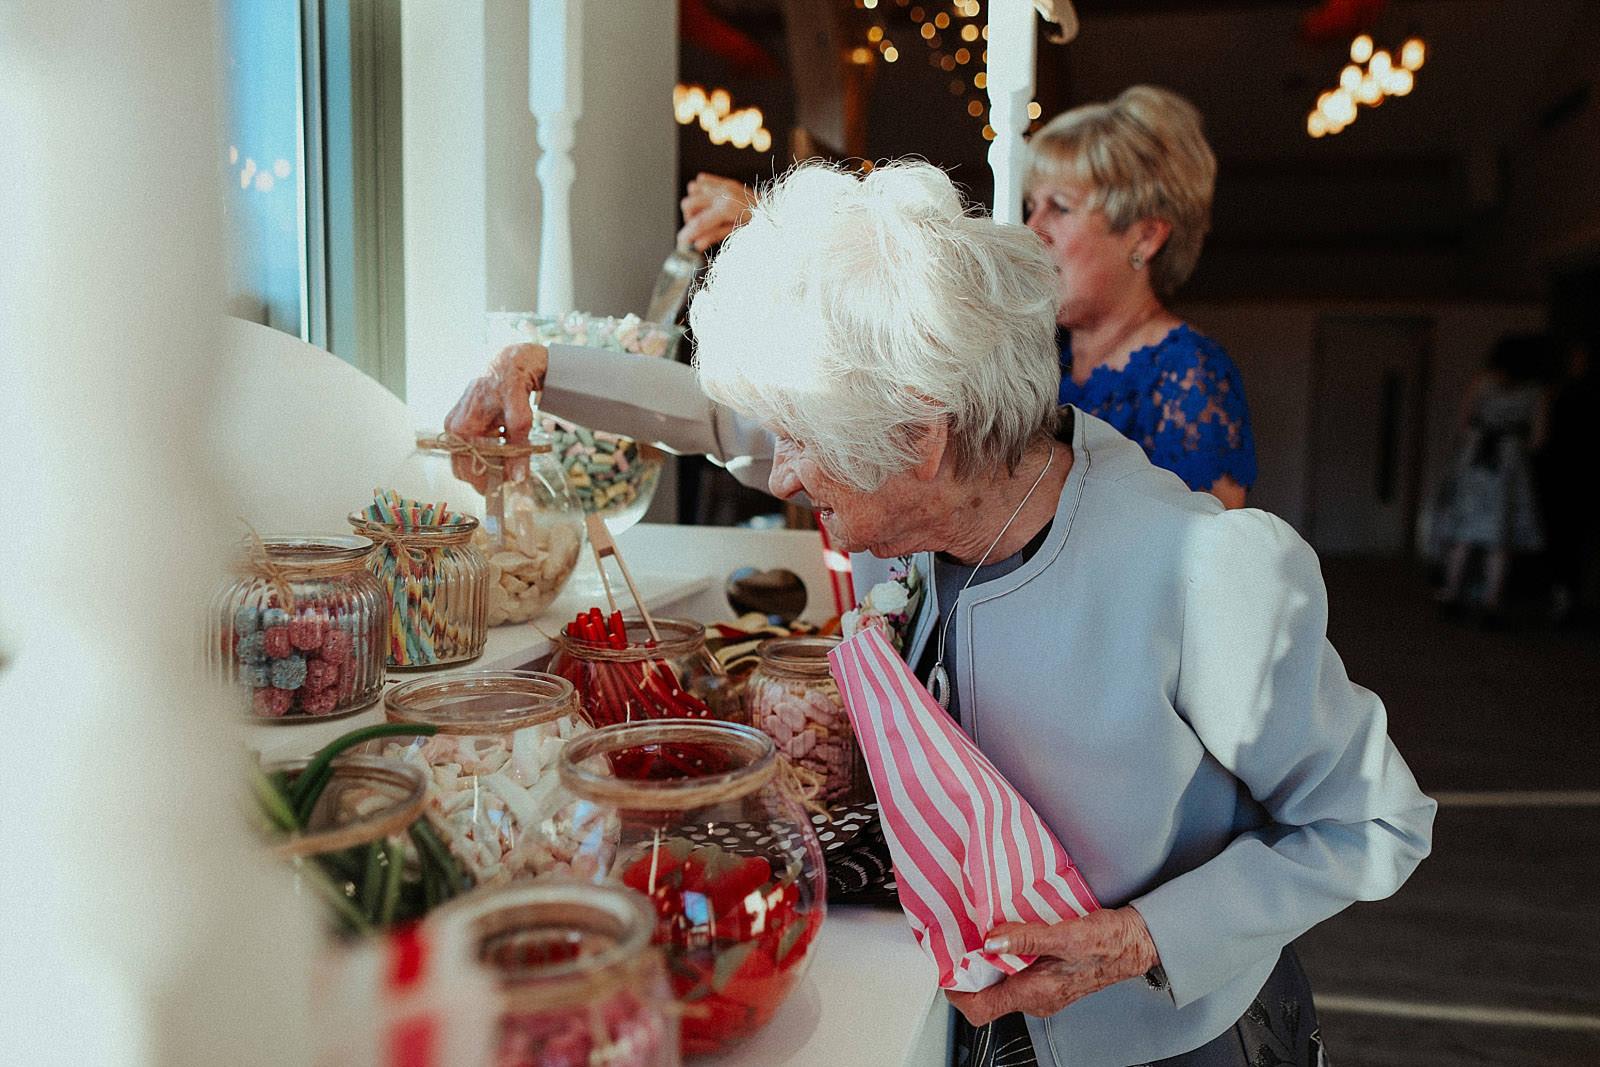 grandma picking sweets at wedding